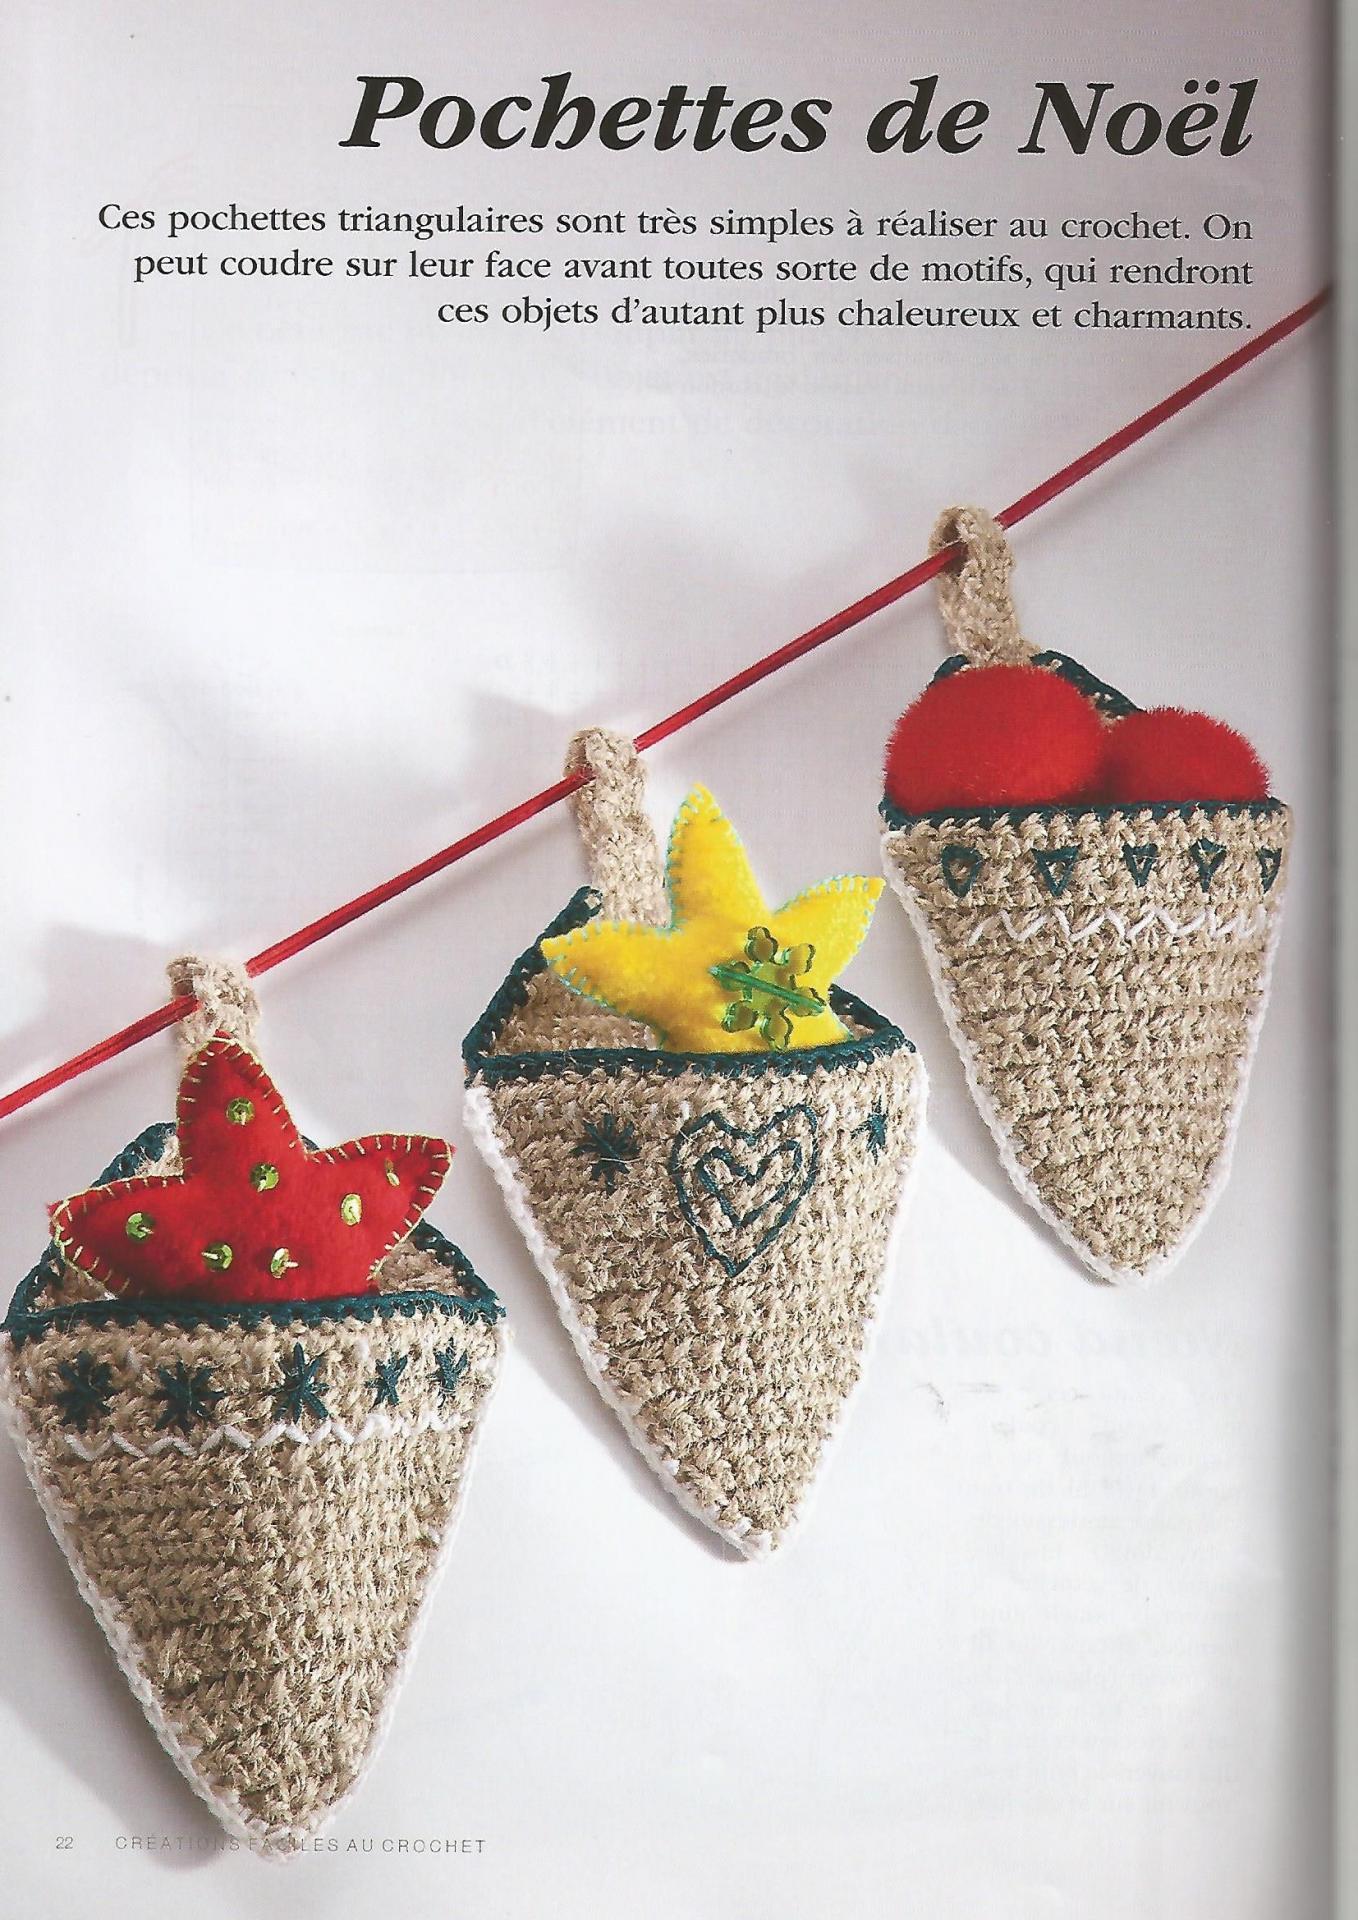 Site Crochet : Site de crochet, tutos crochet, mod?les et grilles gratuites